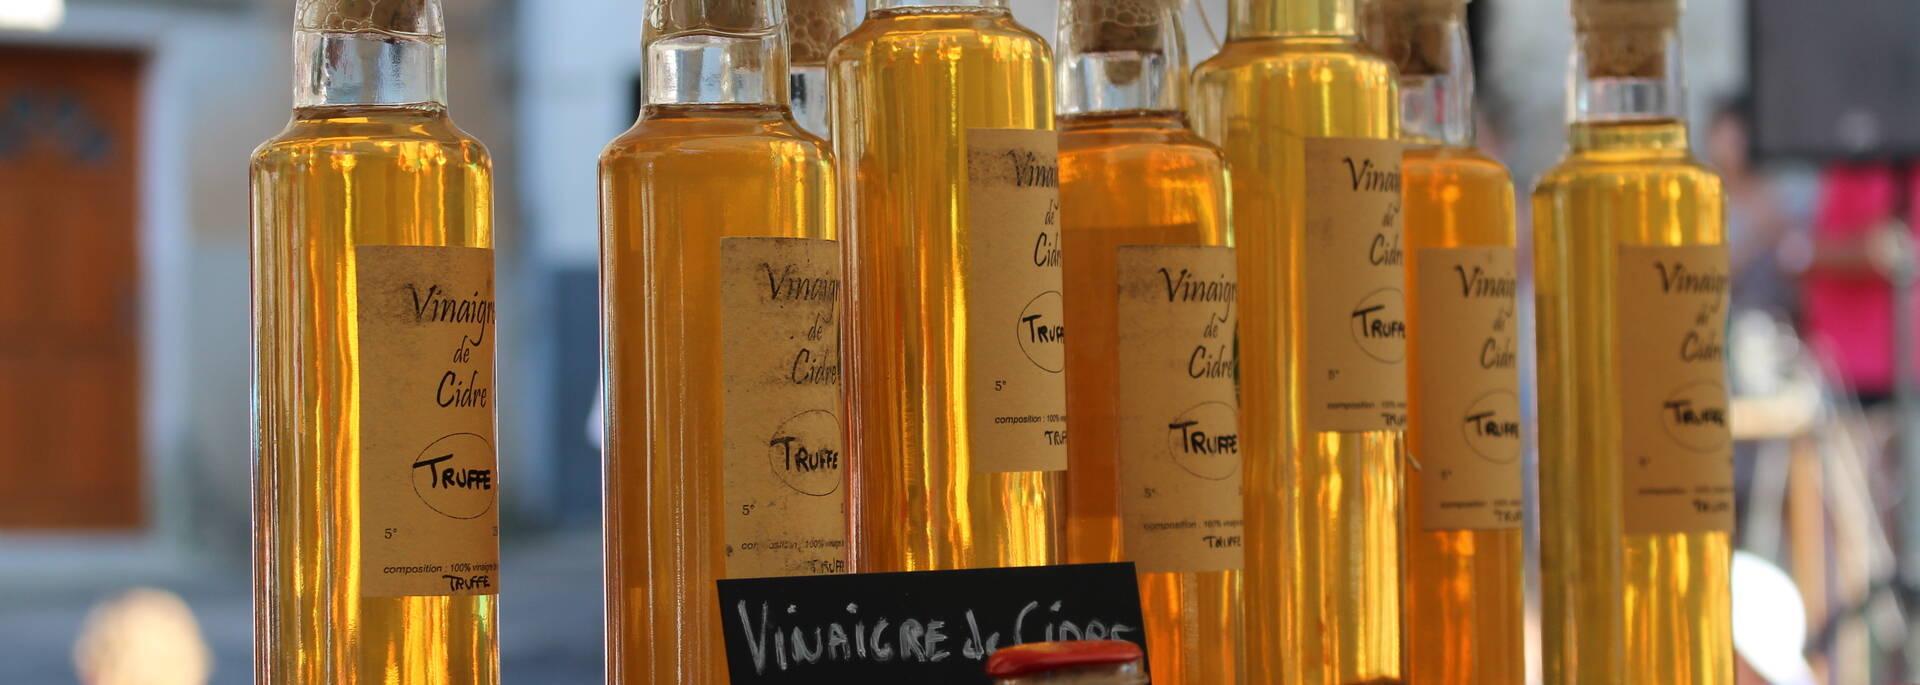 Vinaigre de cidre - Marché de la Rotja